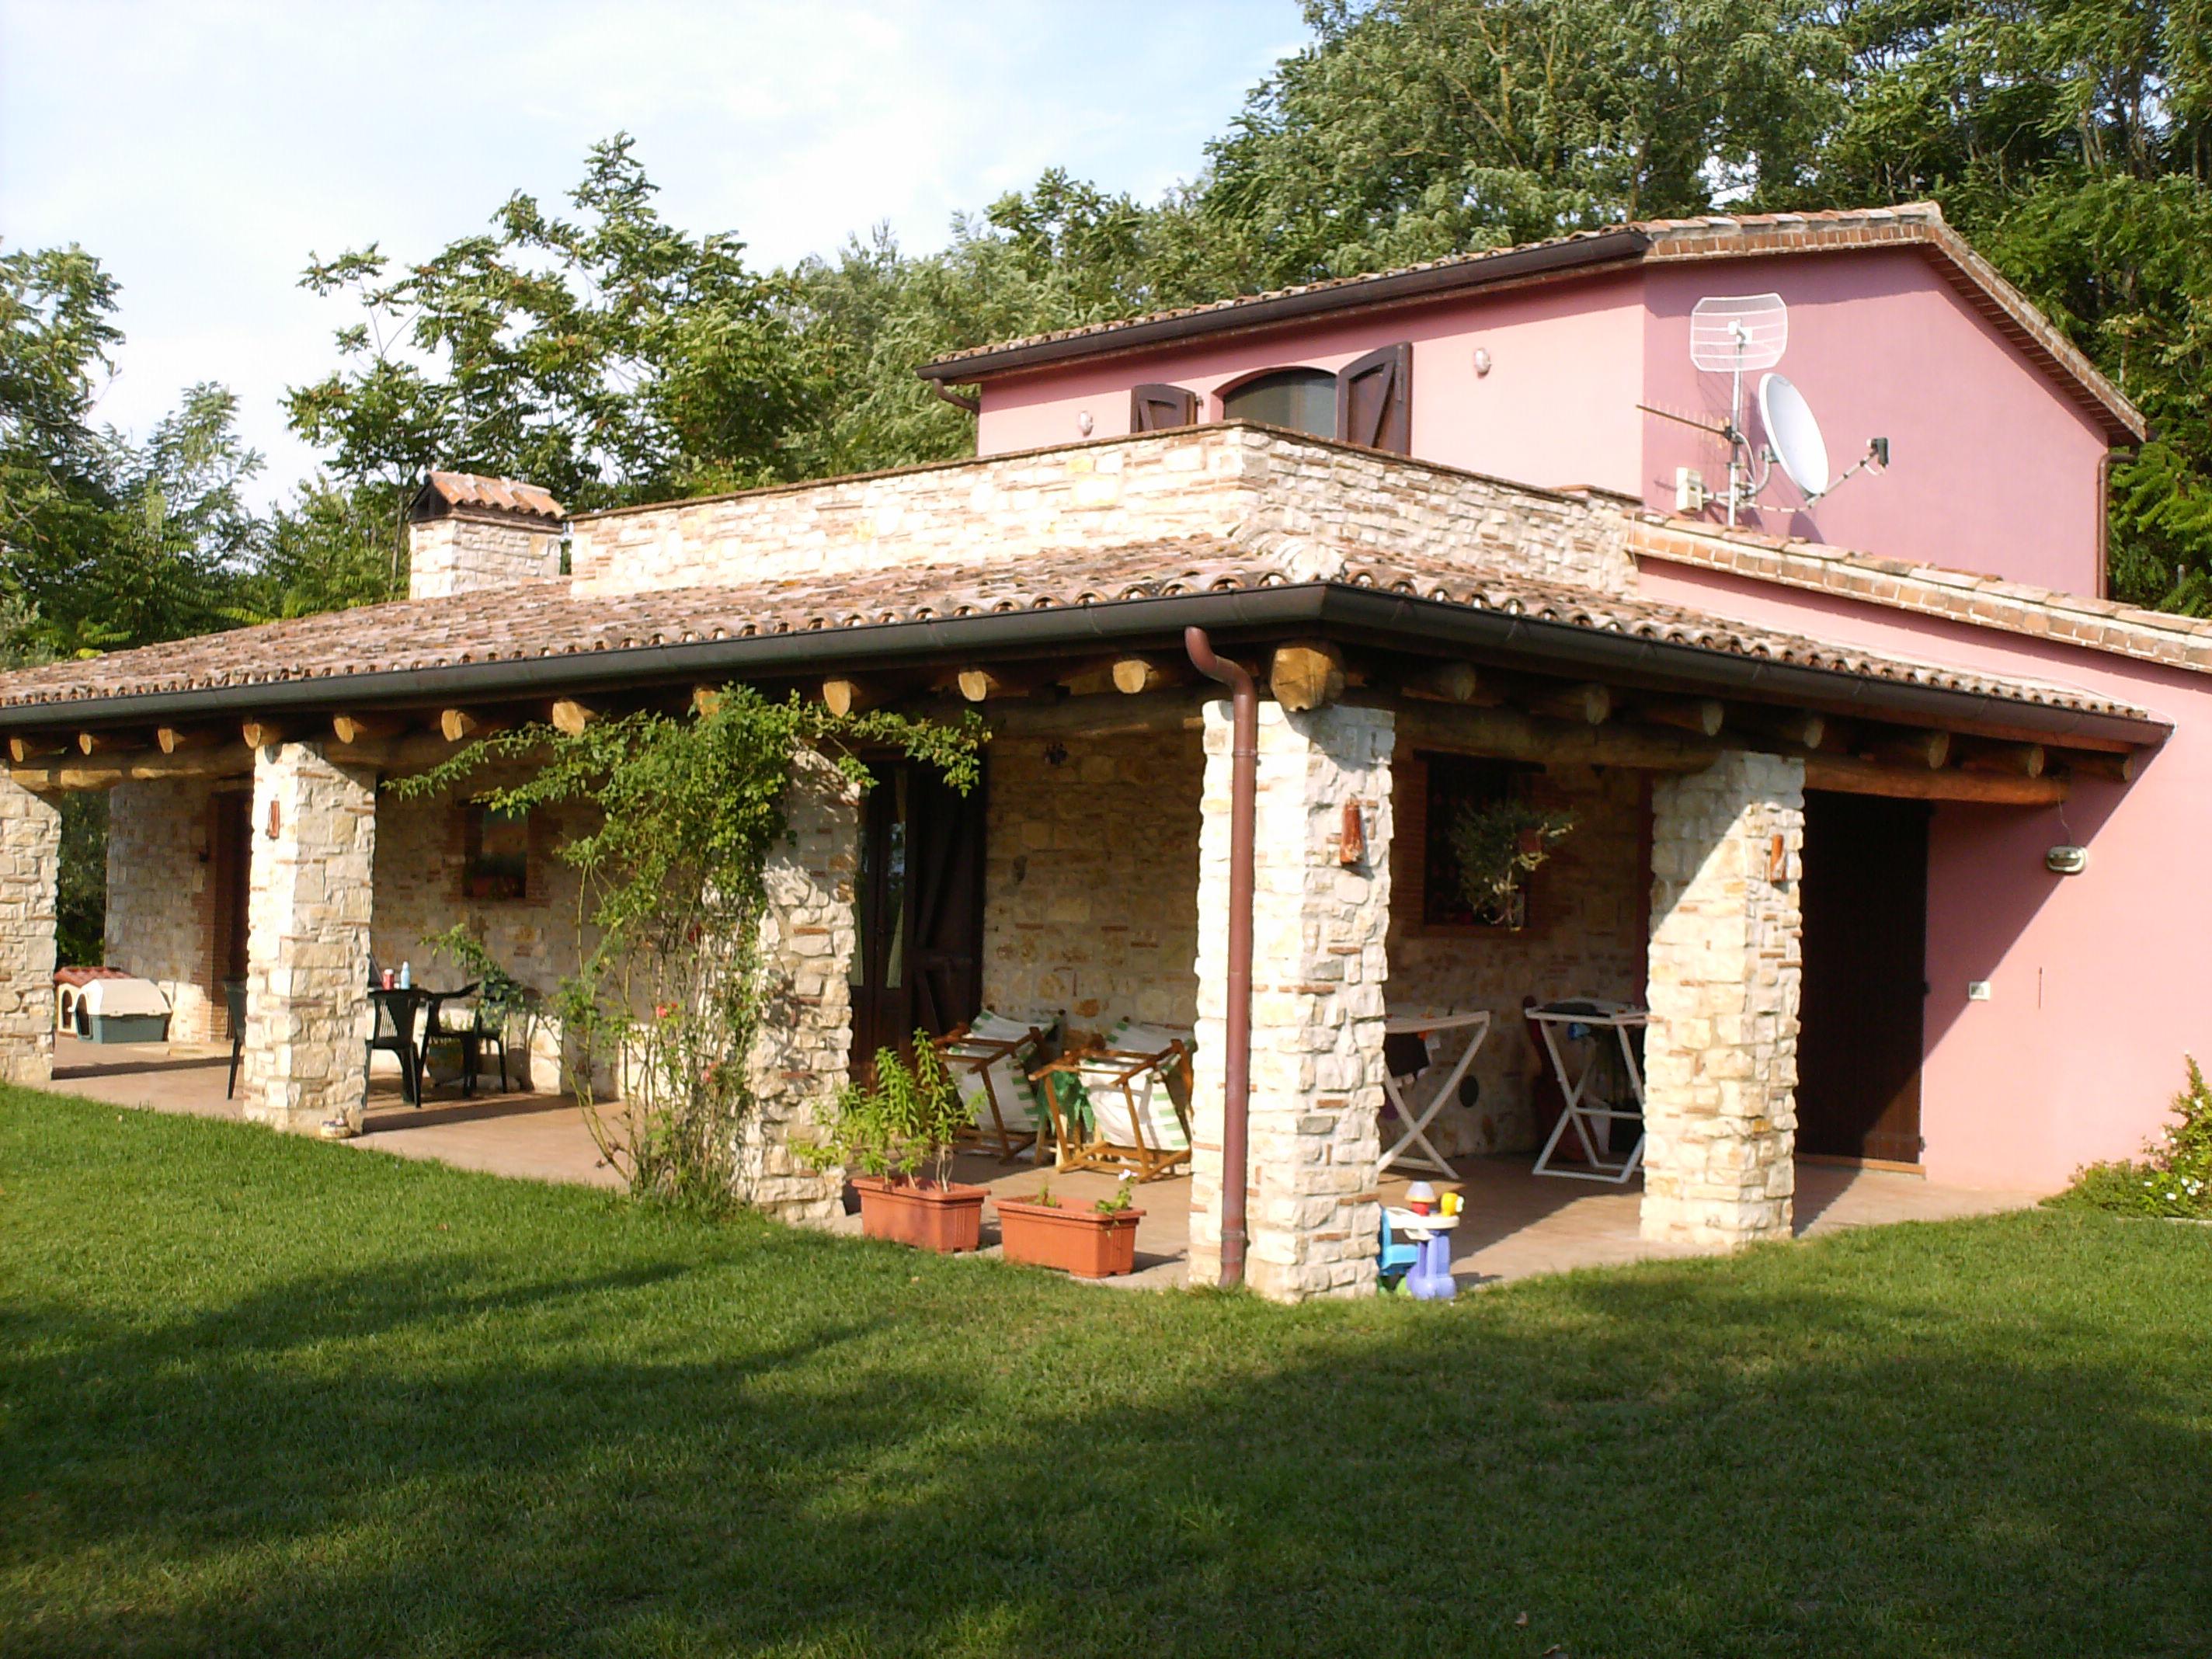 Villa in vendita a melizzano benevento riscaldamento for Avvolgere le planimetrie del portico